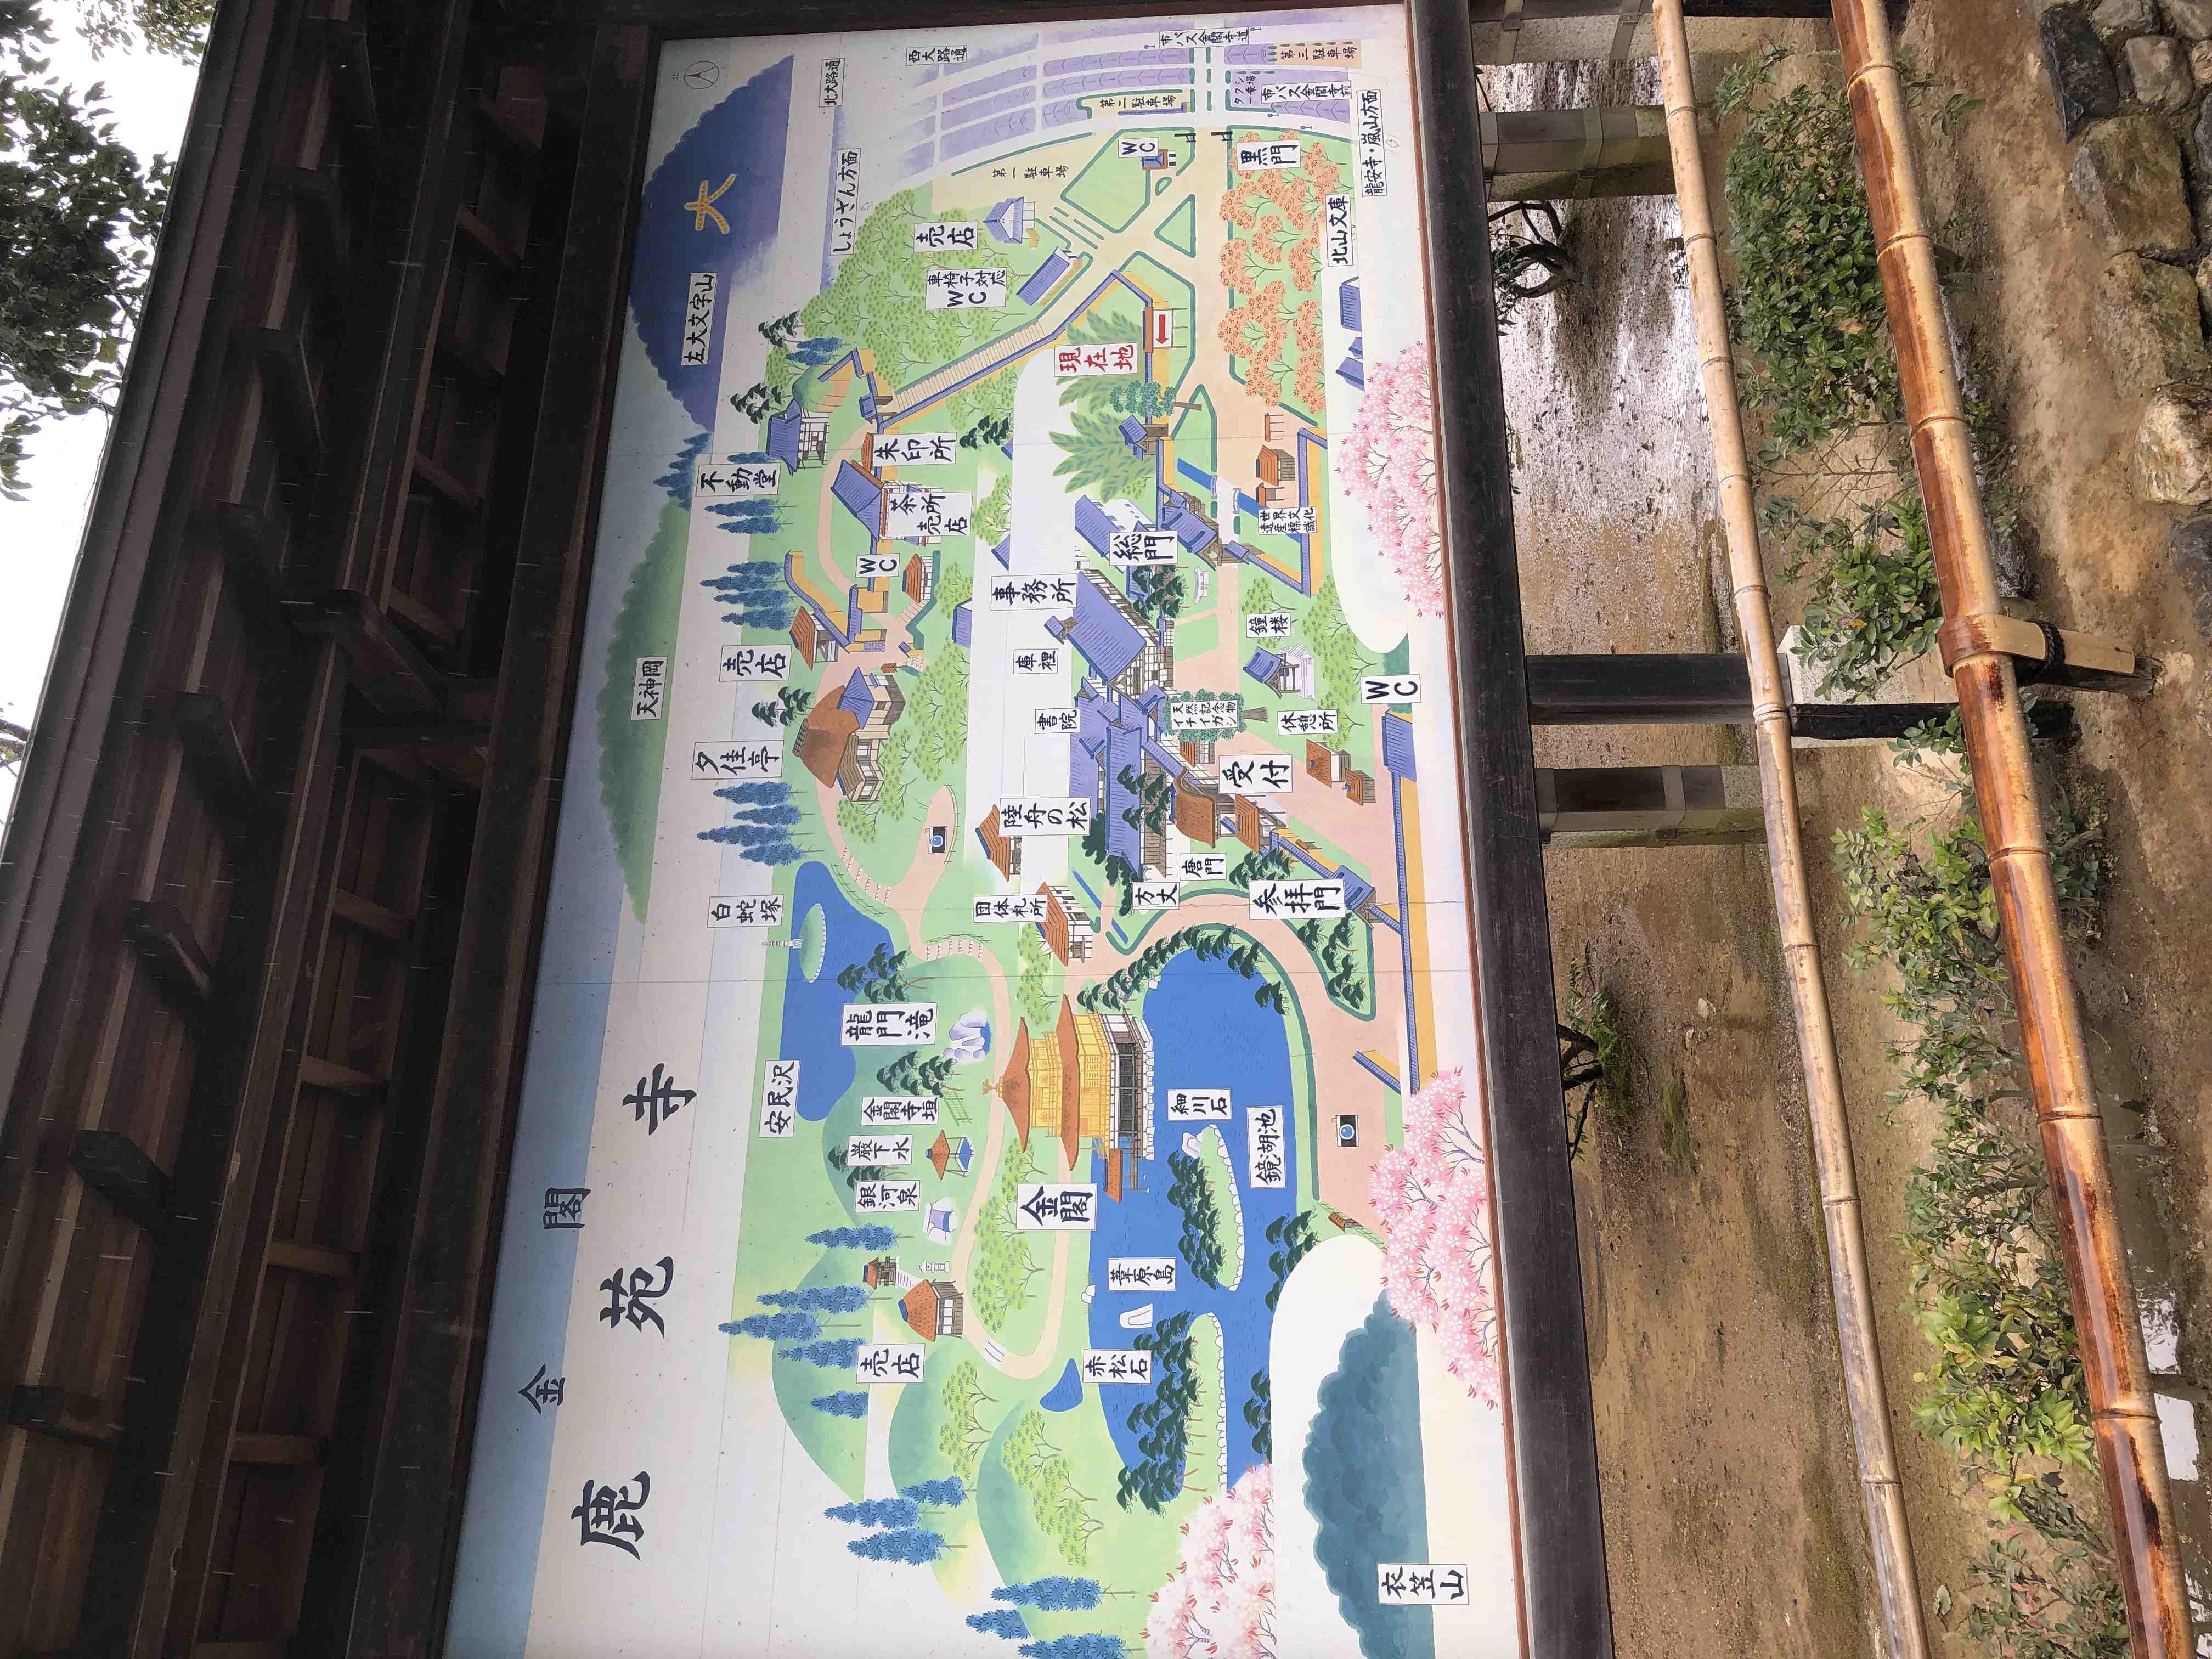 img 0896 - 世界文化遺產 金閣寺, 京都景點, 京都自由行, 金閣寺, 鹿苑寺